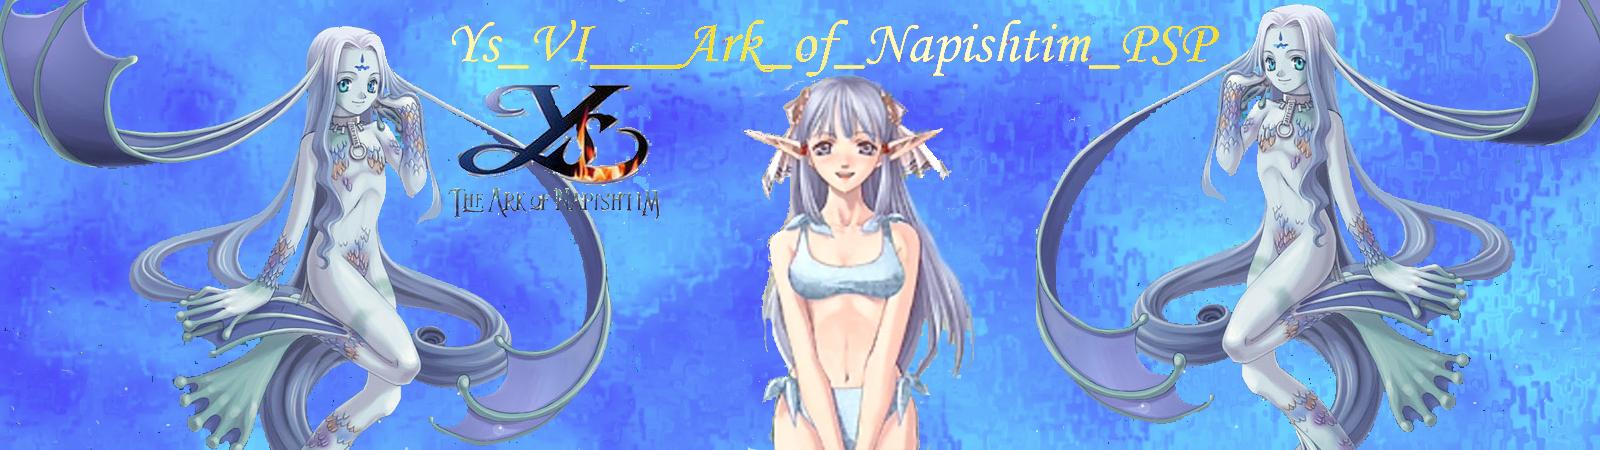 Ys_VI___Ark_of_Napishtim_PSP